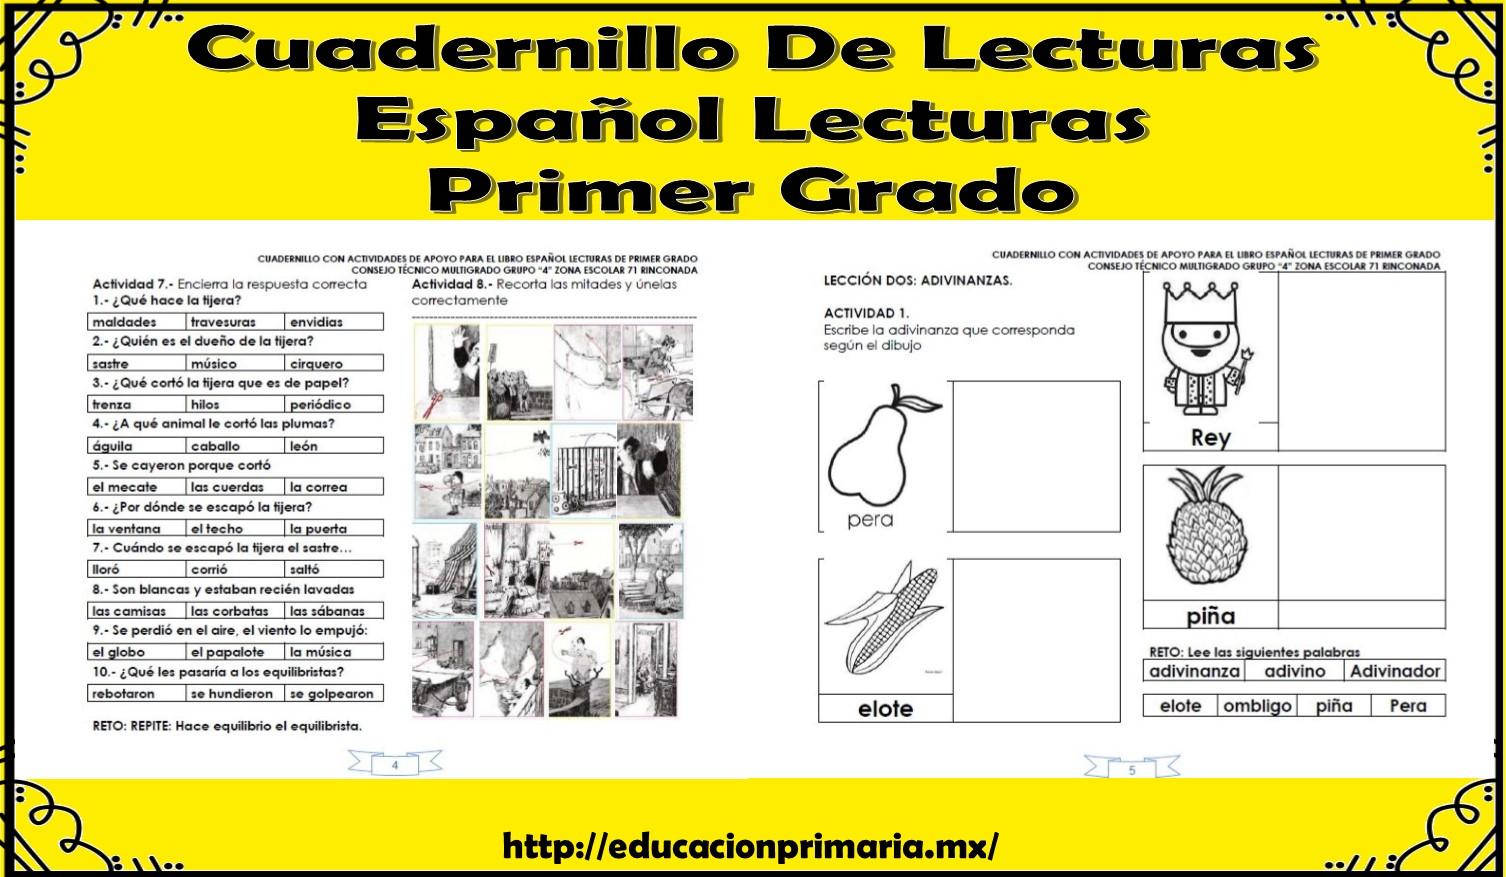 Estupendo cuadernillo de actividades de espa ol lecturas for Espanol lecturas cuarto grado 1993